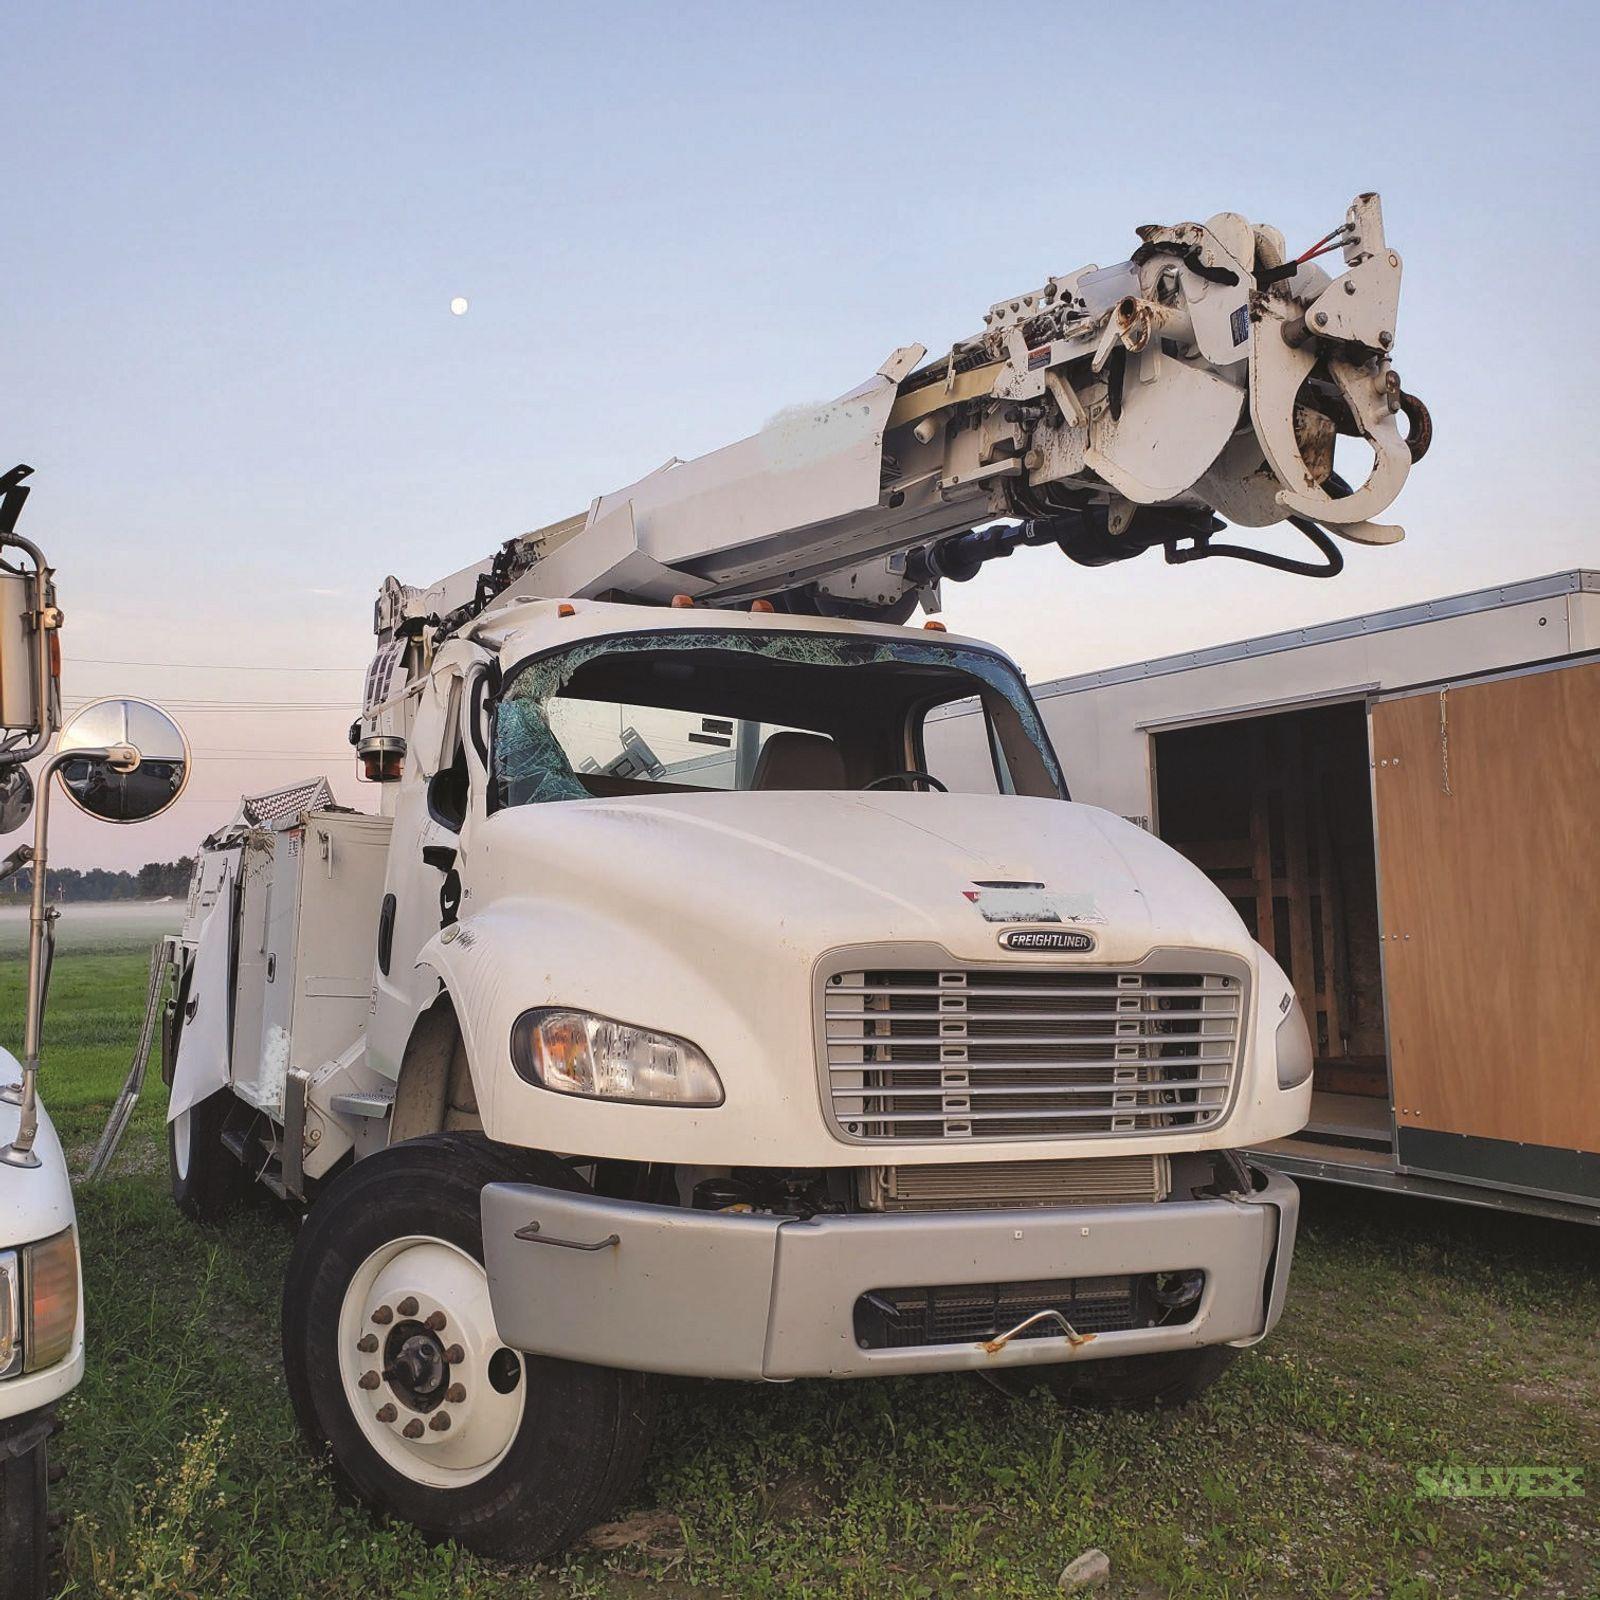 Freightliner Digger Truck 2019